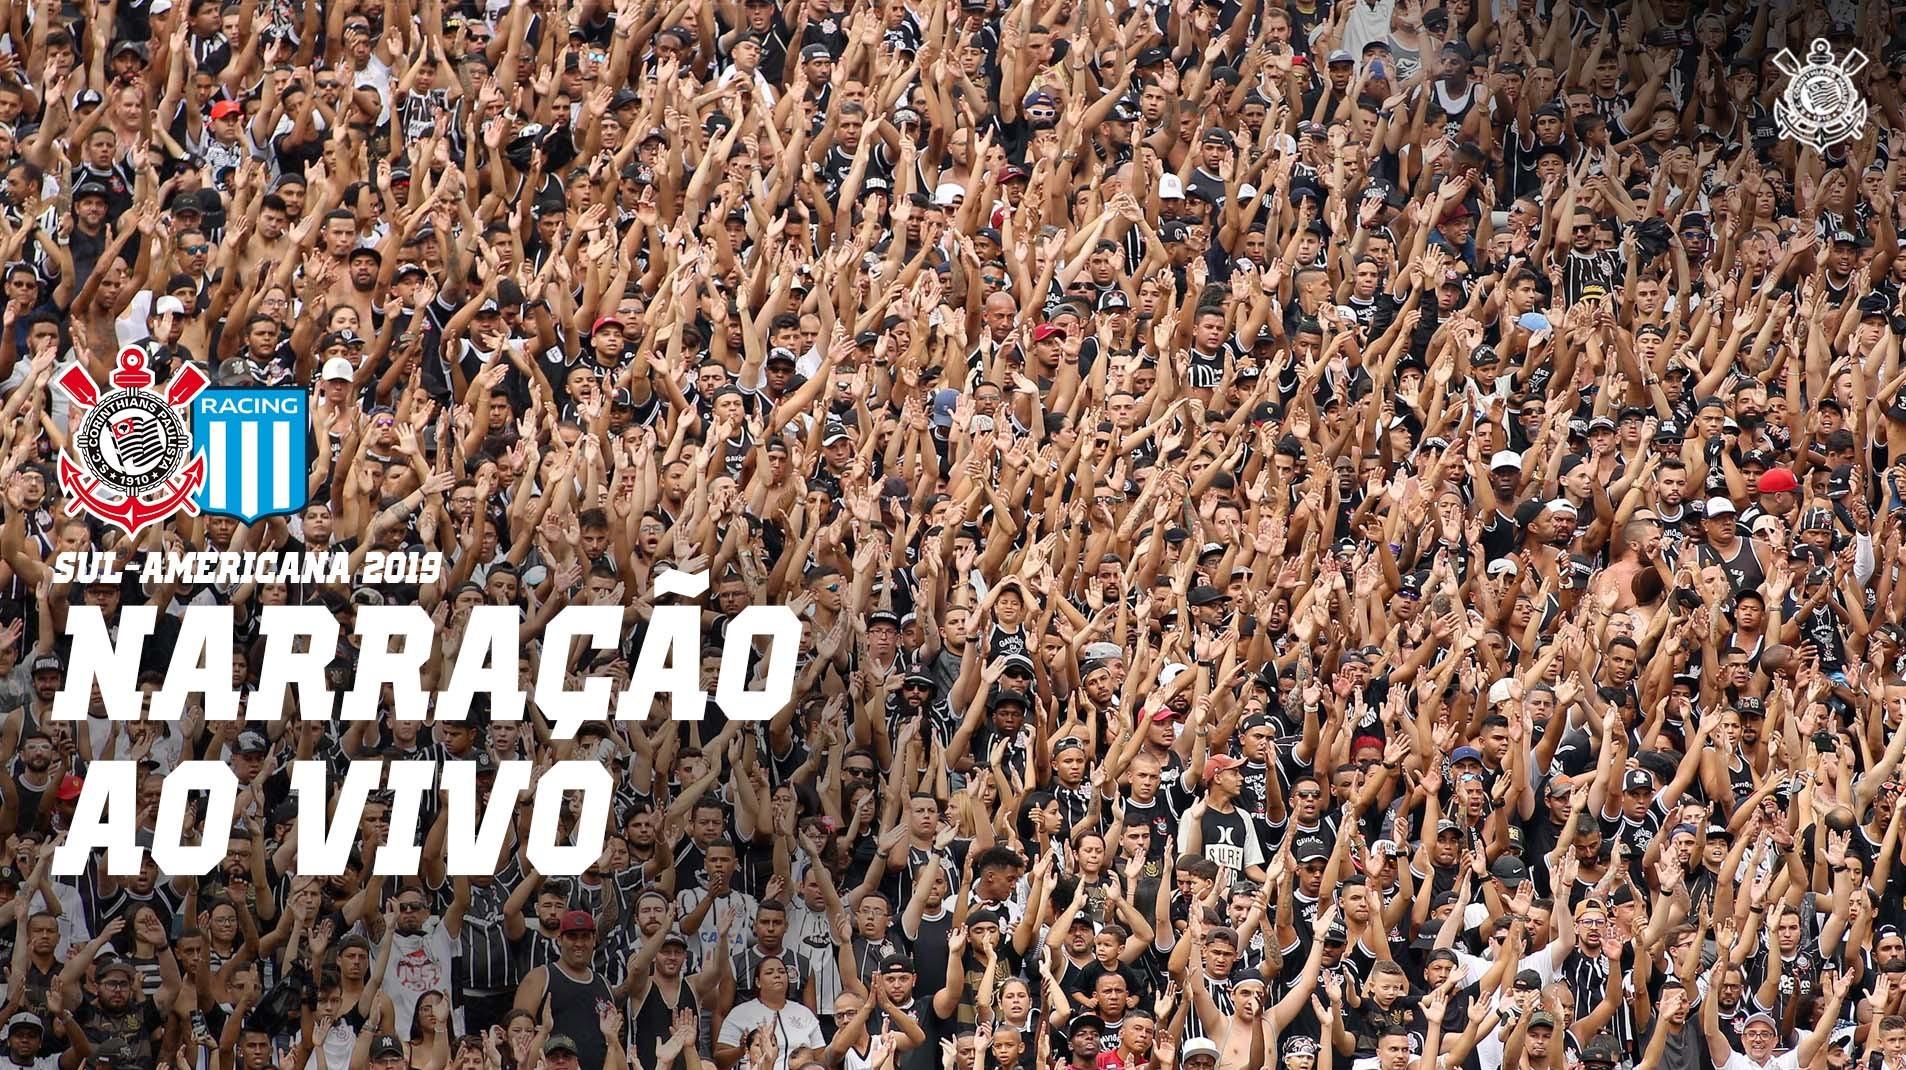 Narração - Corinthians vs Racing - Sul-Americana 2019